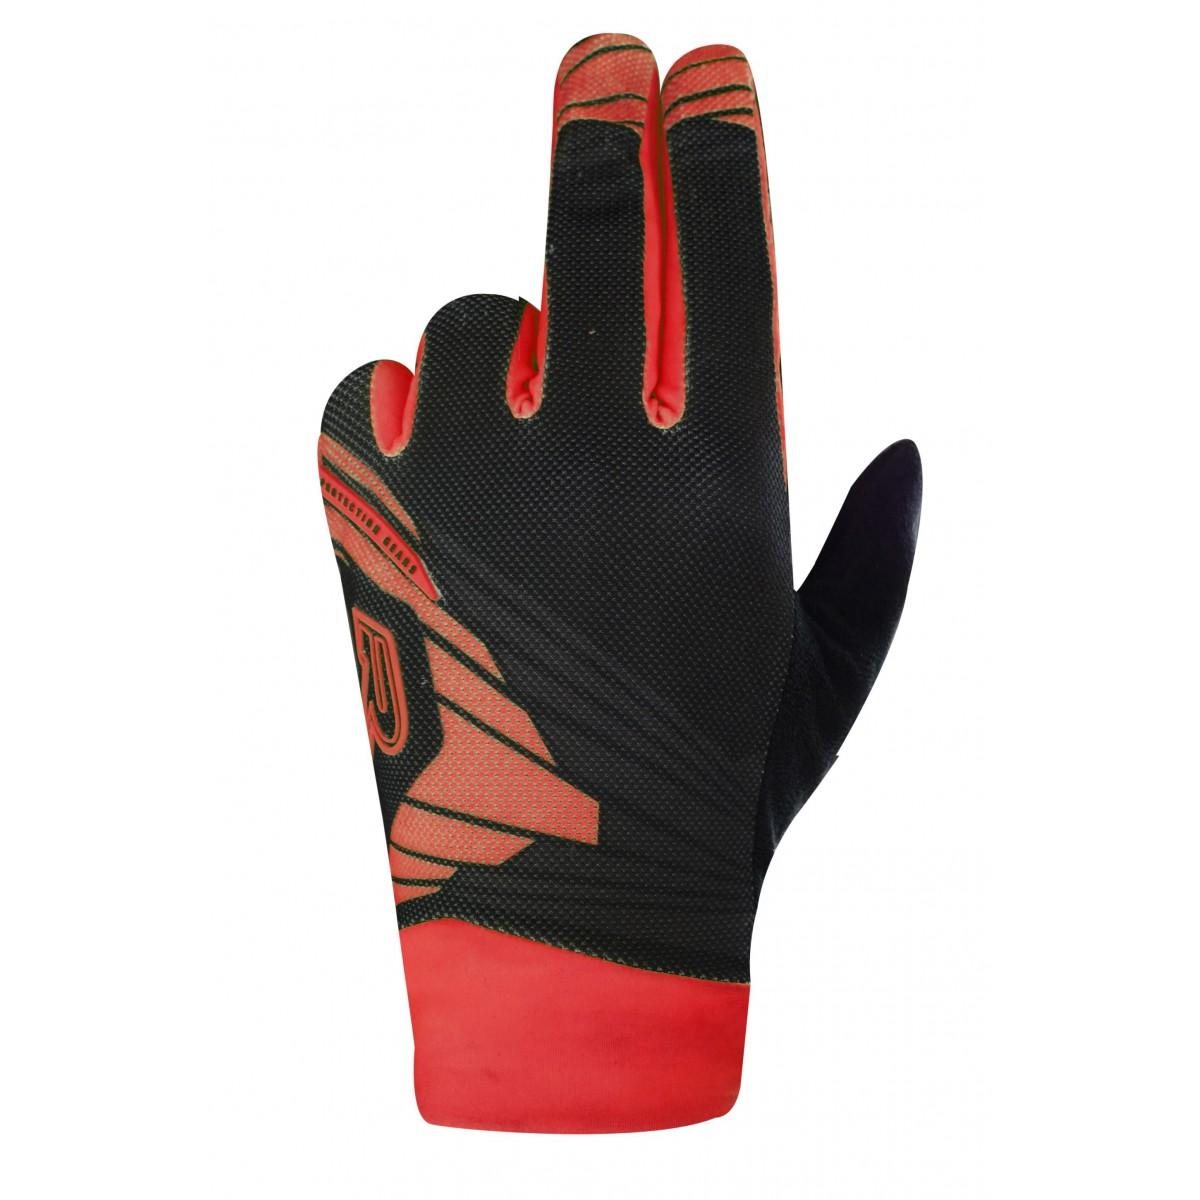 Gants RACER Light Speed 2 black/red